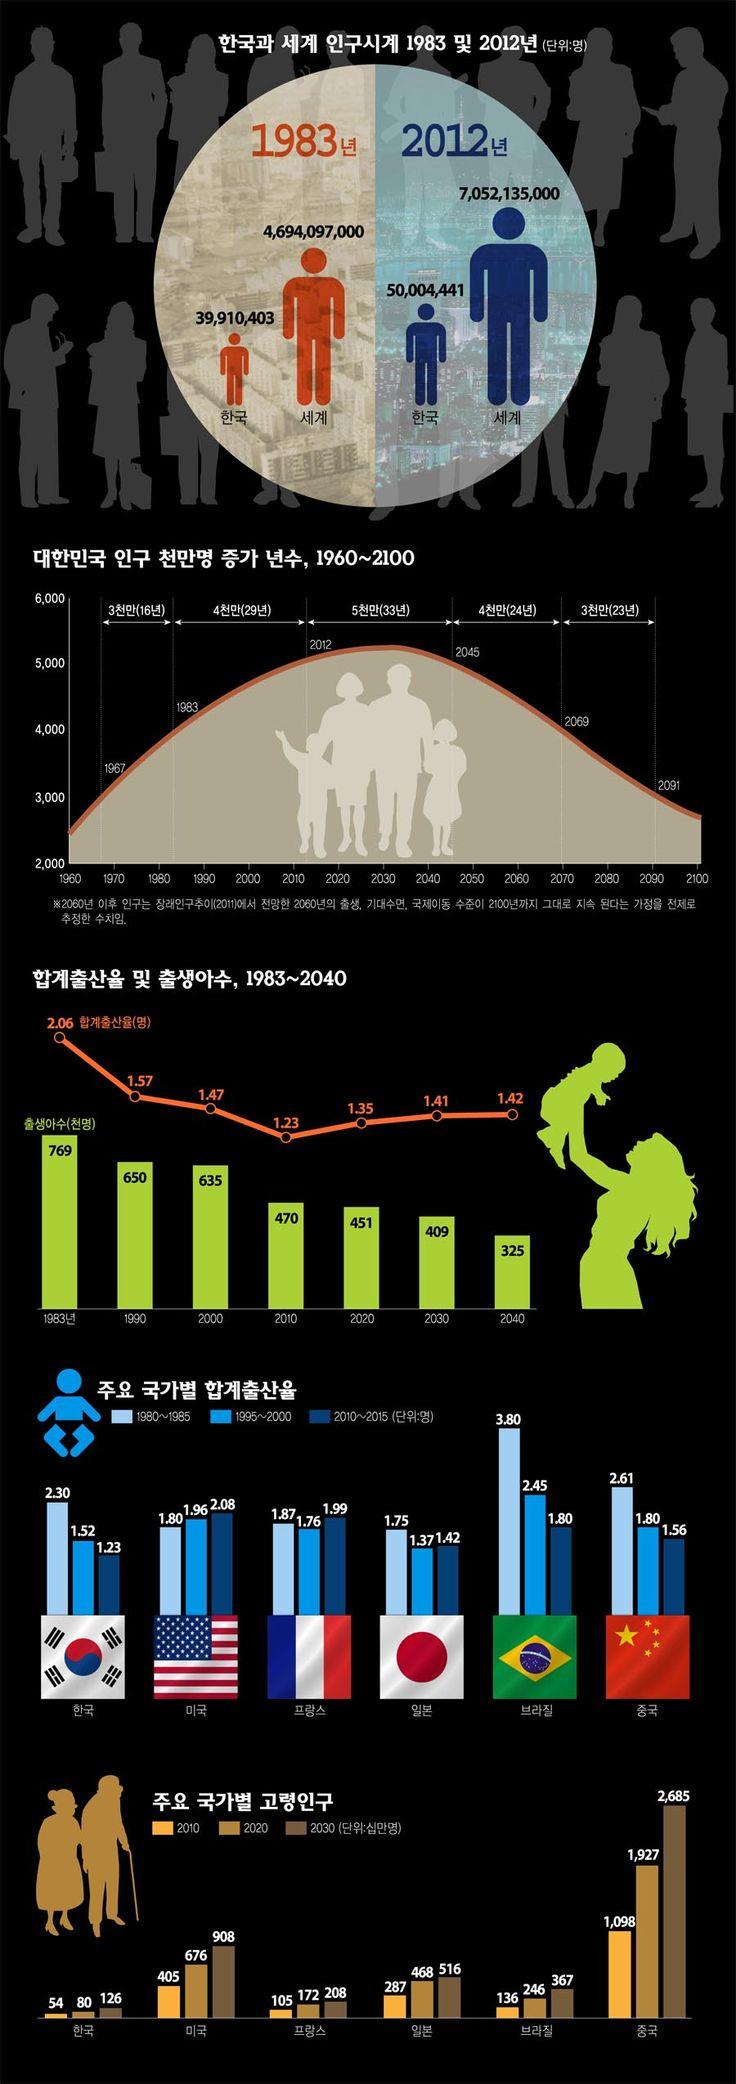 대한민국 인구 5천만 돌파에 관한 인포그래픽  Source_http://www.vop.co.kr/A00000515032.html